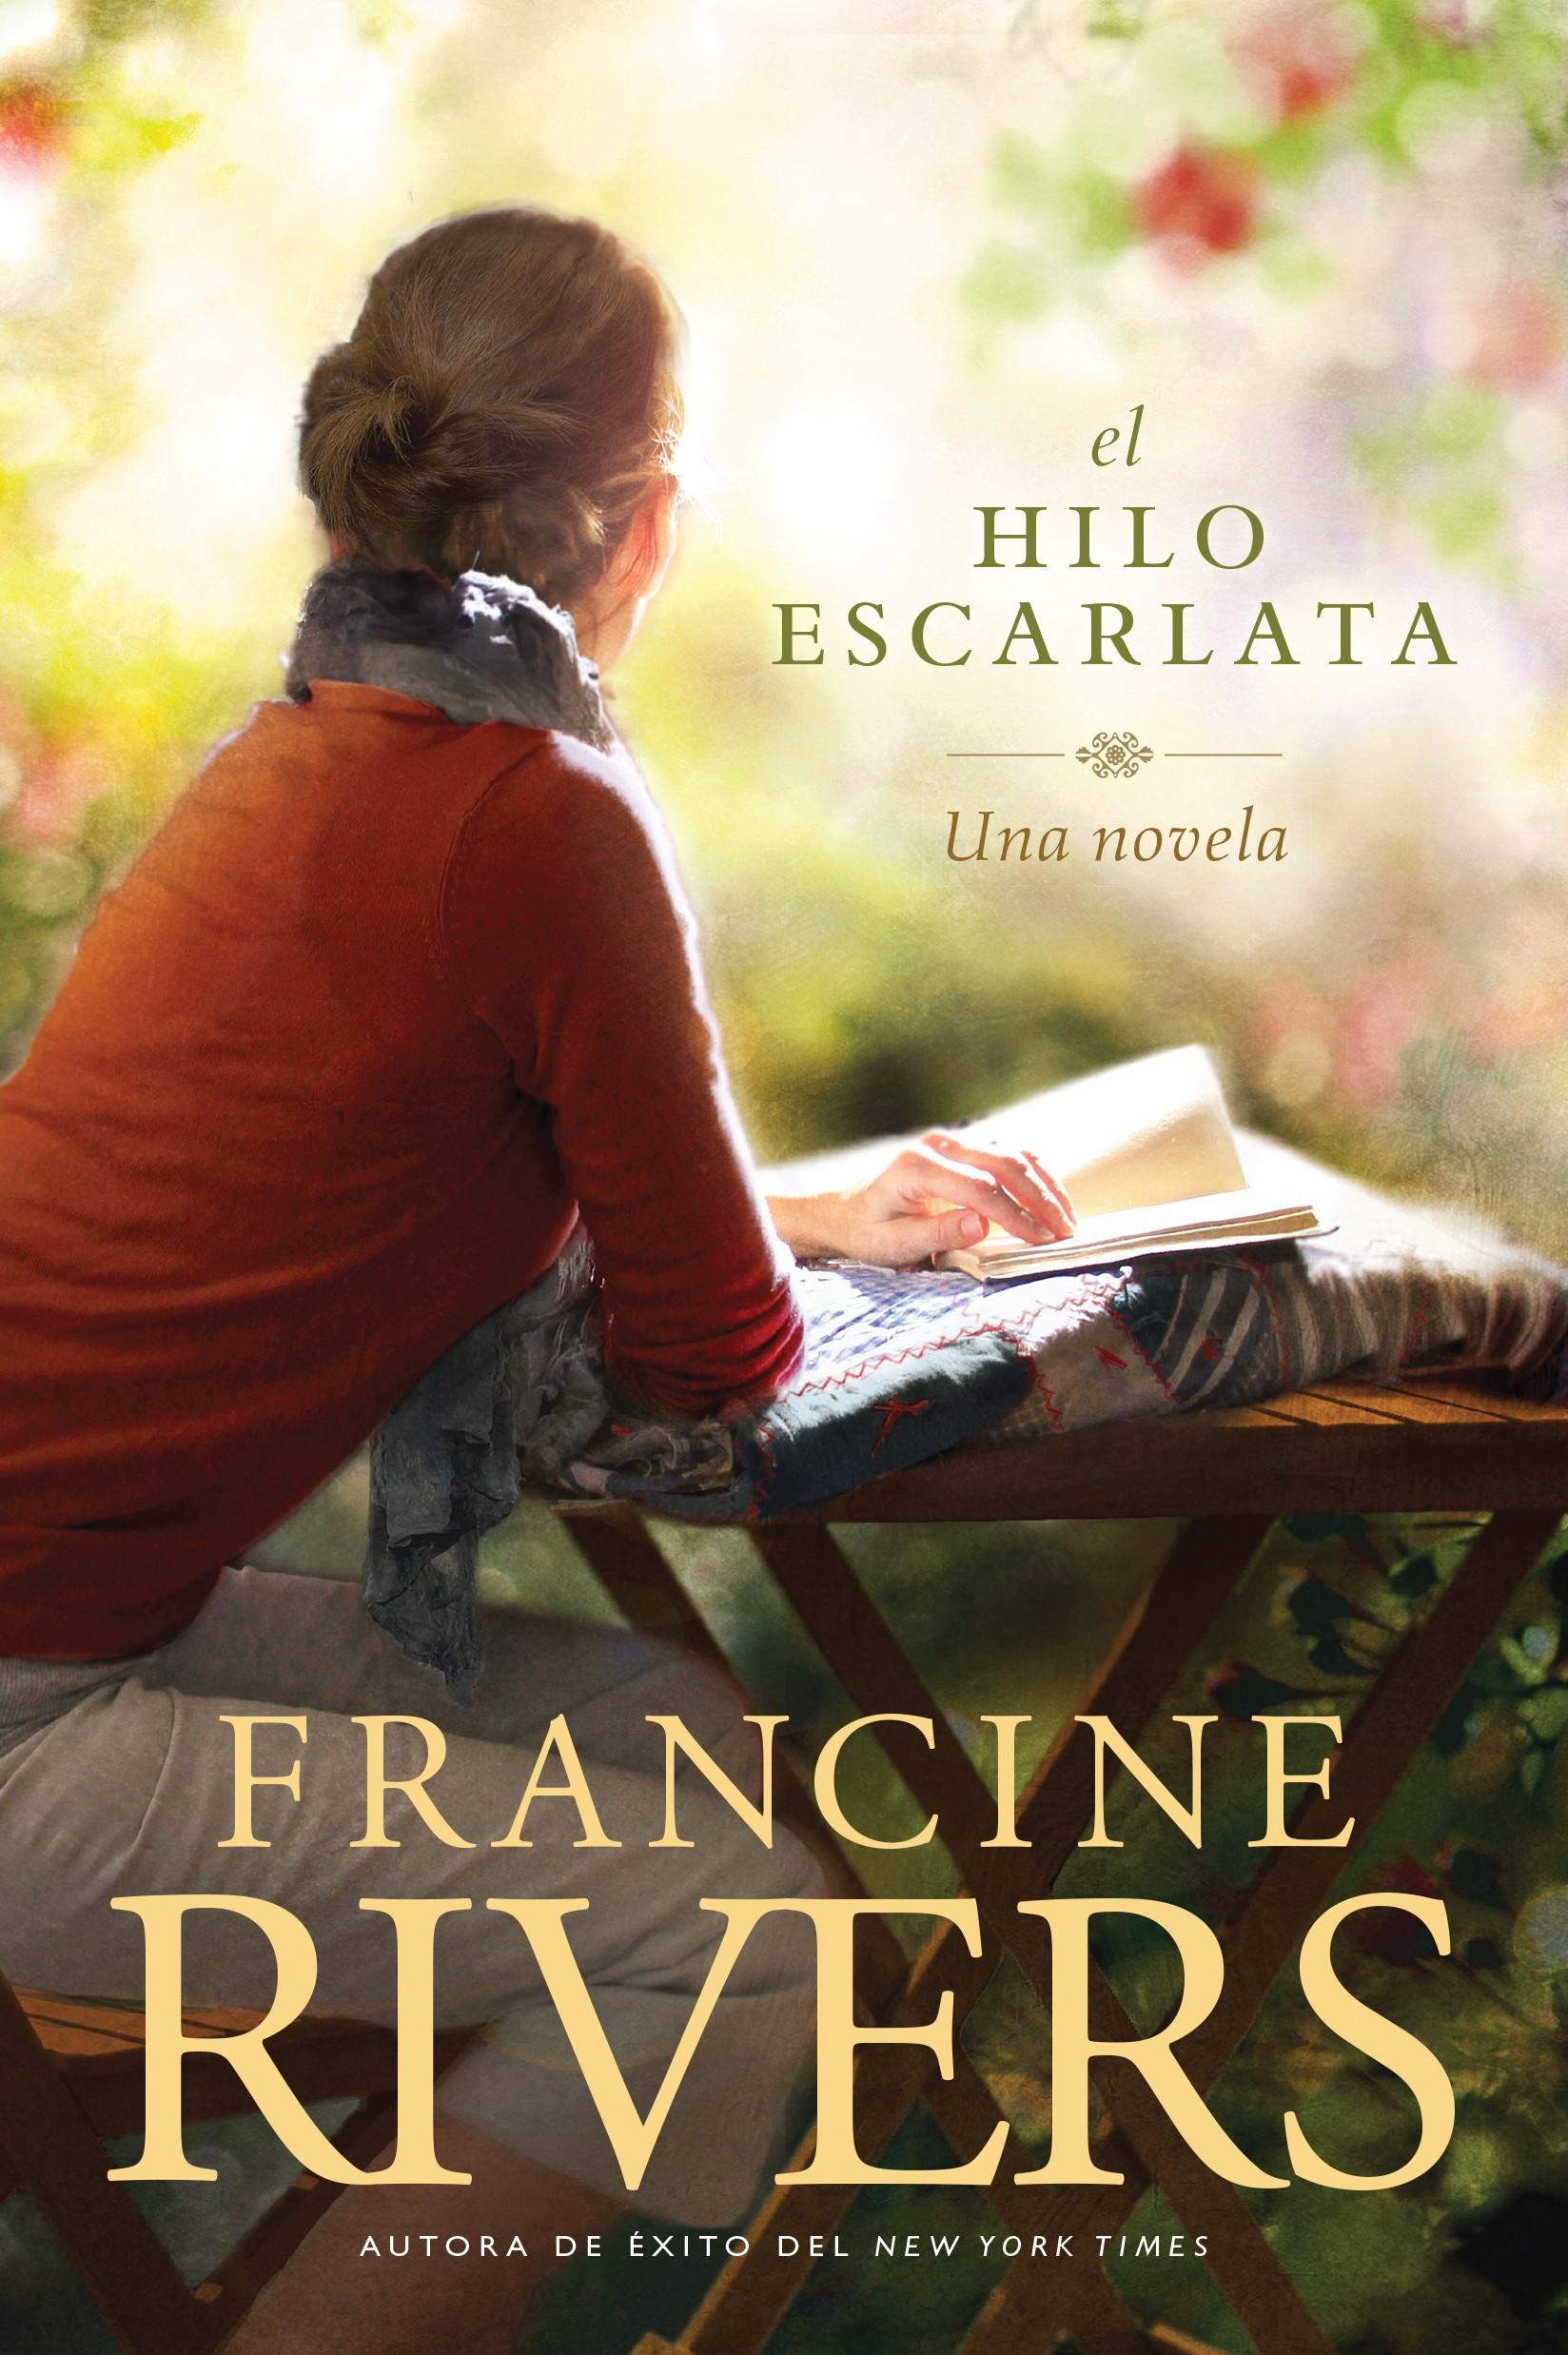 The El hilo escarlata